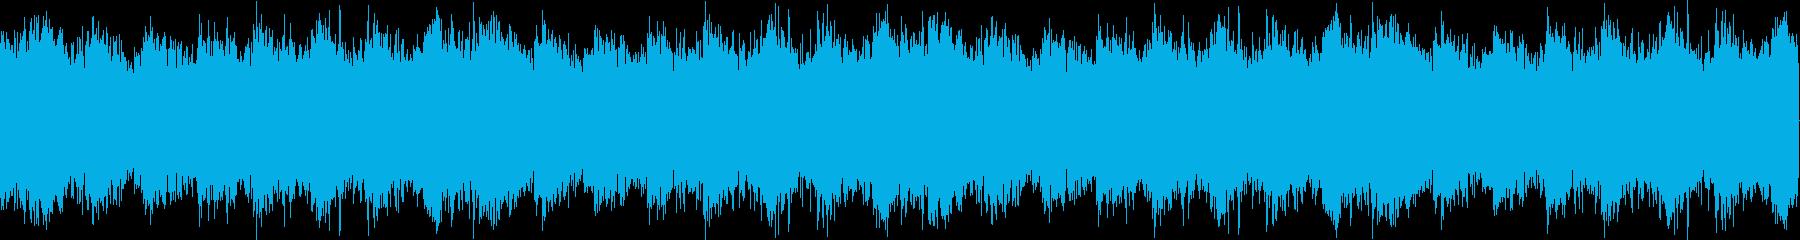 オーケストラ_クワイア_疾走感_3の再生済みの波形